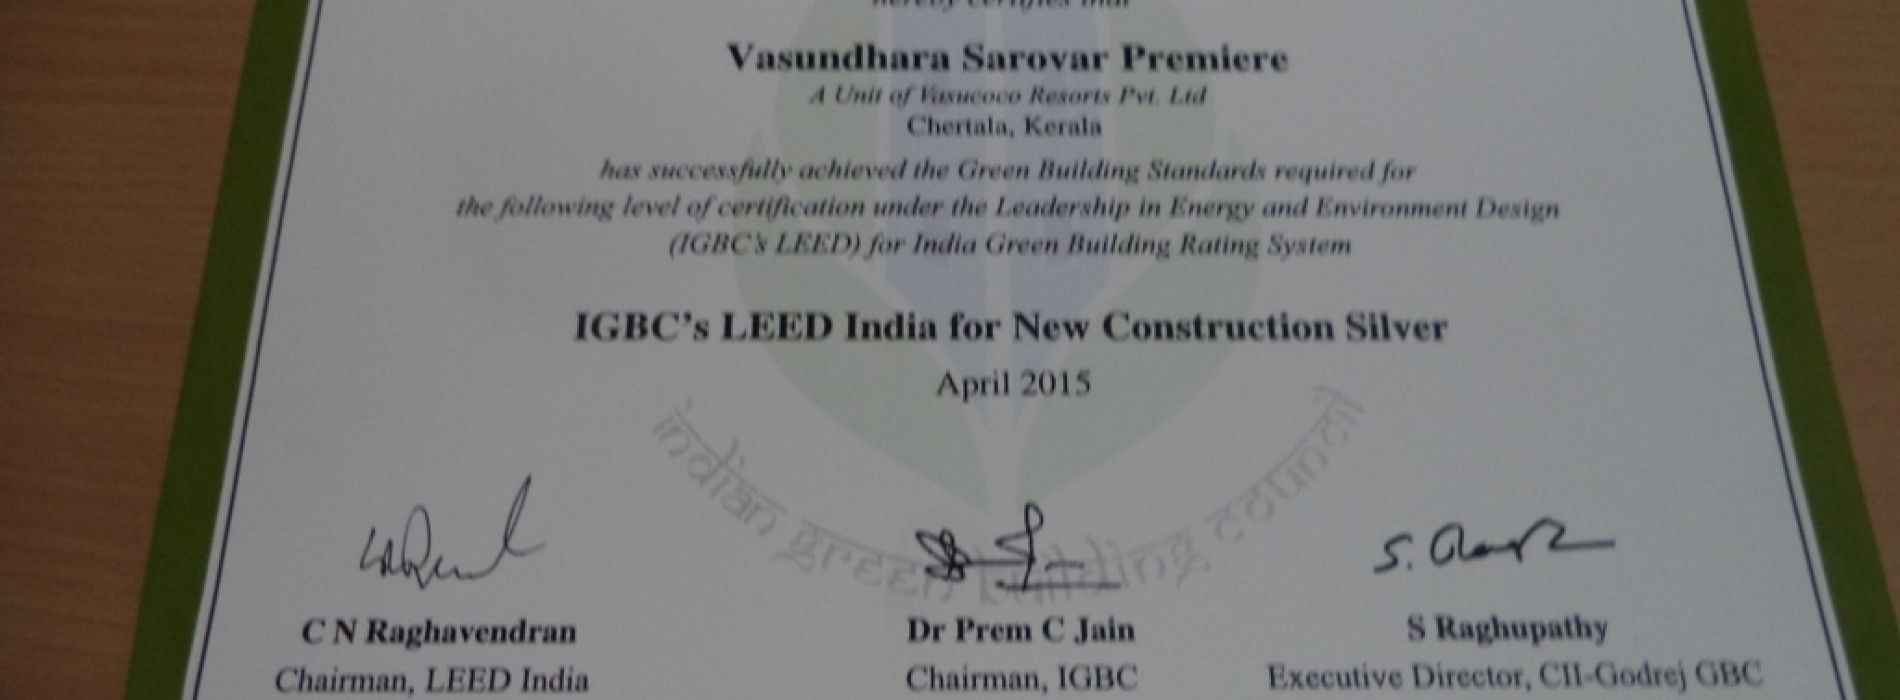 Vasundhara Sarovar Premiere, Vayalaris now LEED – Silver Certified